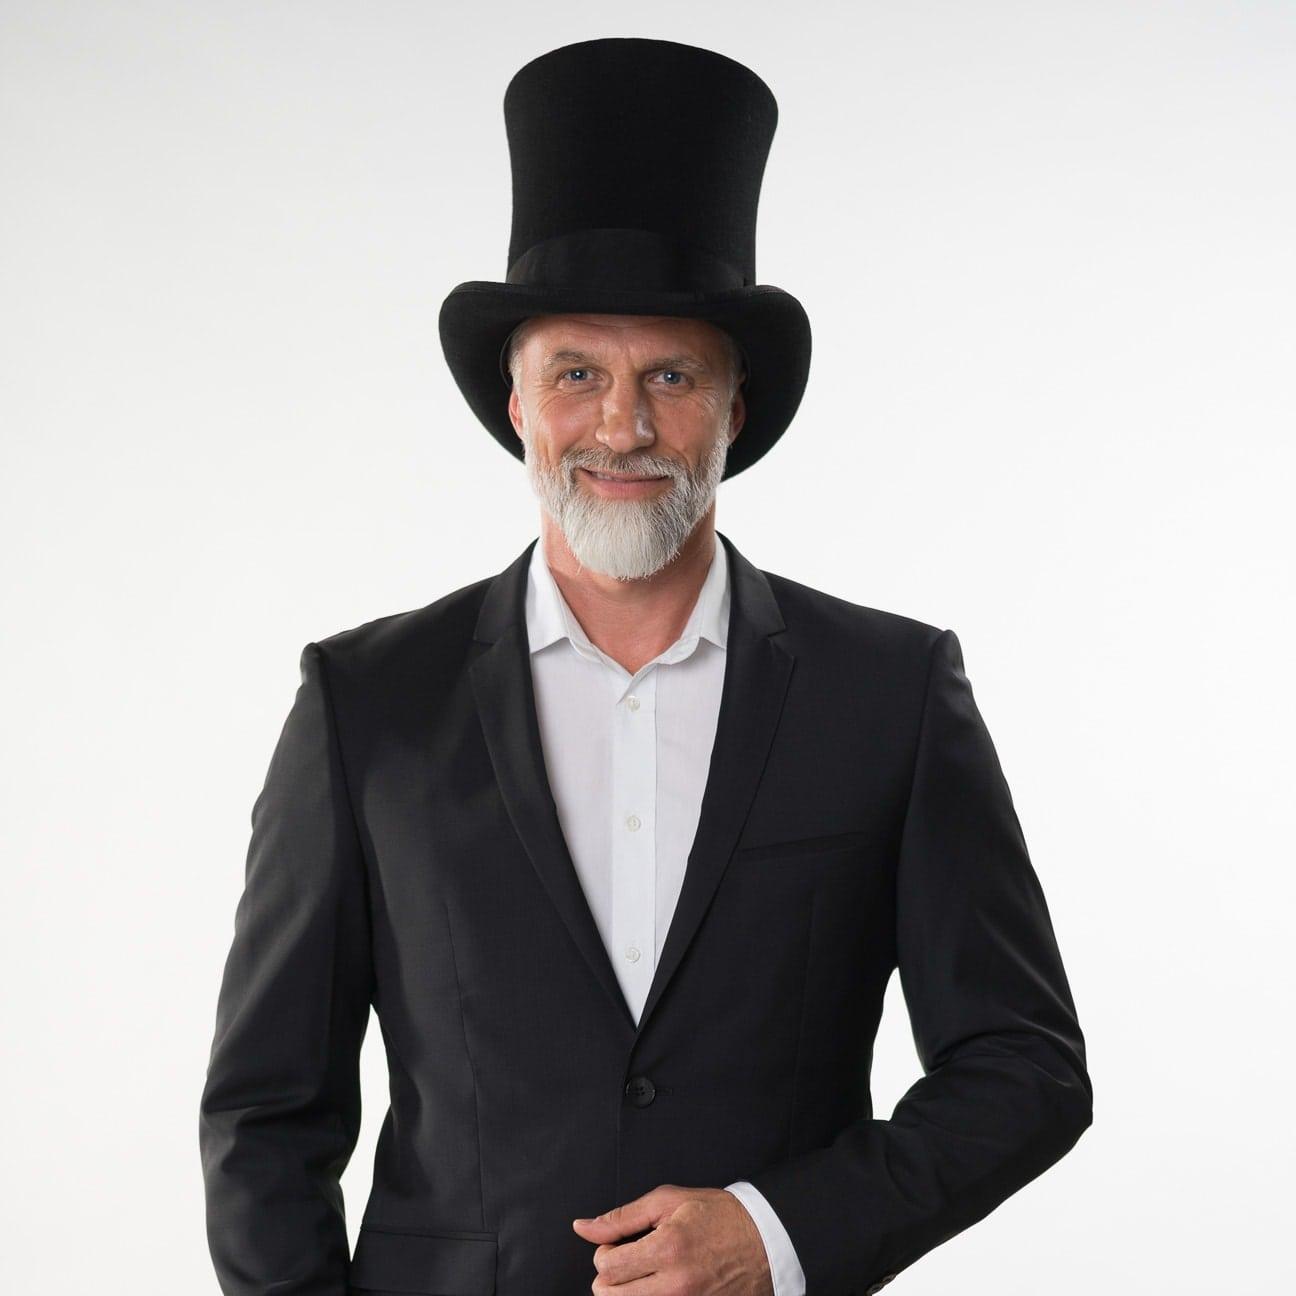 Sombrero de Copa Alta High Crown - Sombreros - sombreroshop.es 38bdea1aacc